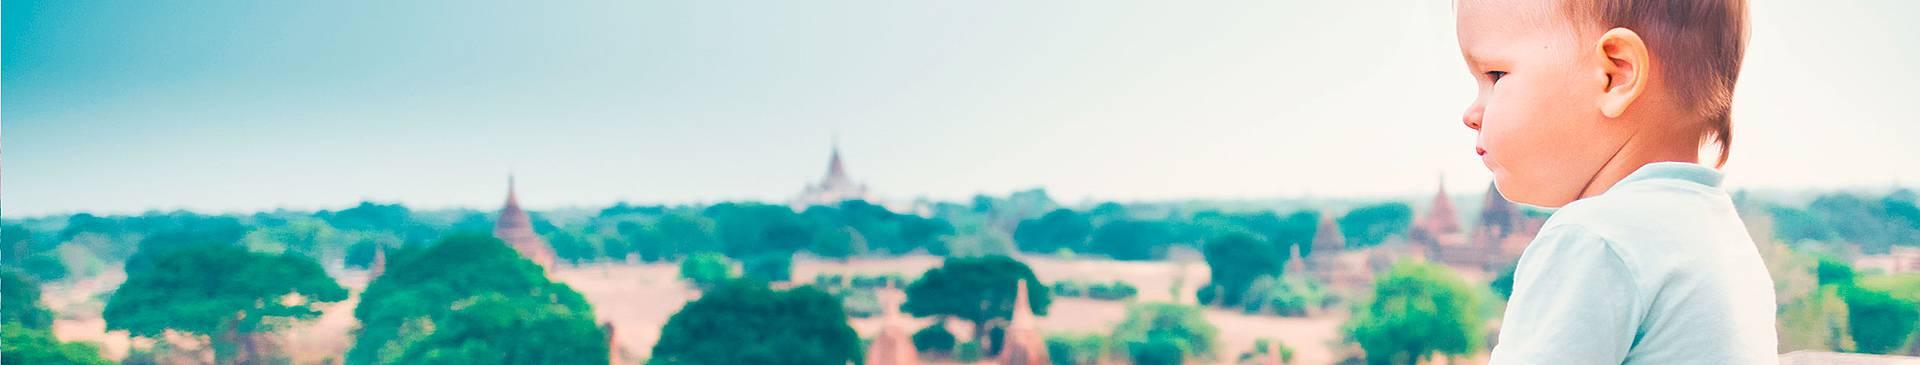 Voyage en Birmanie en famille